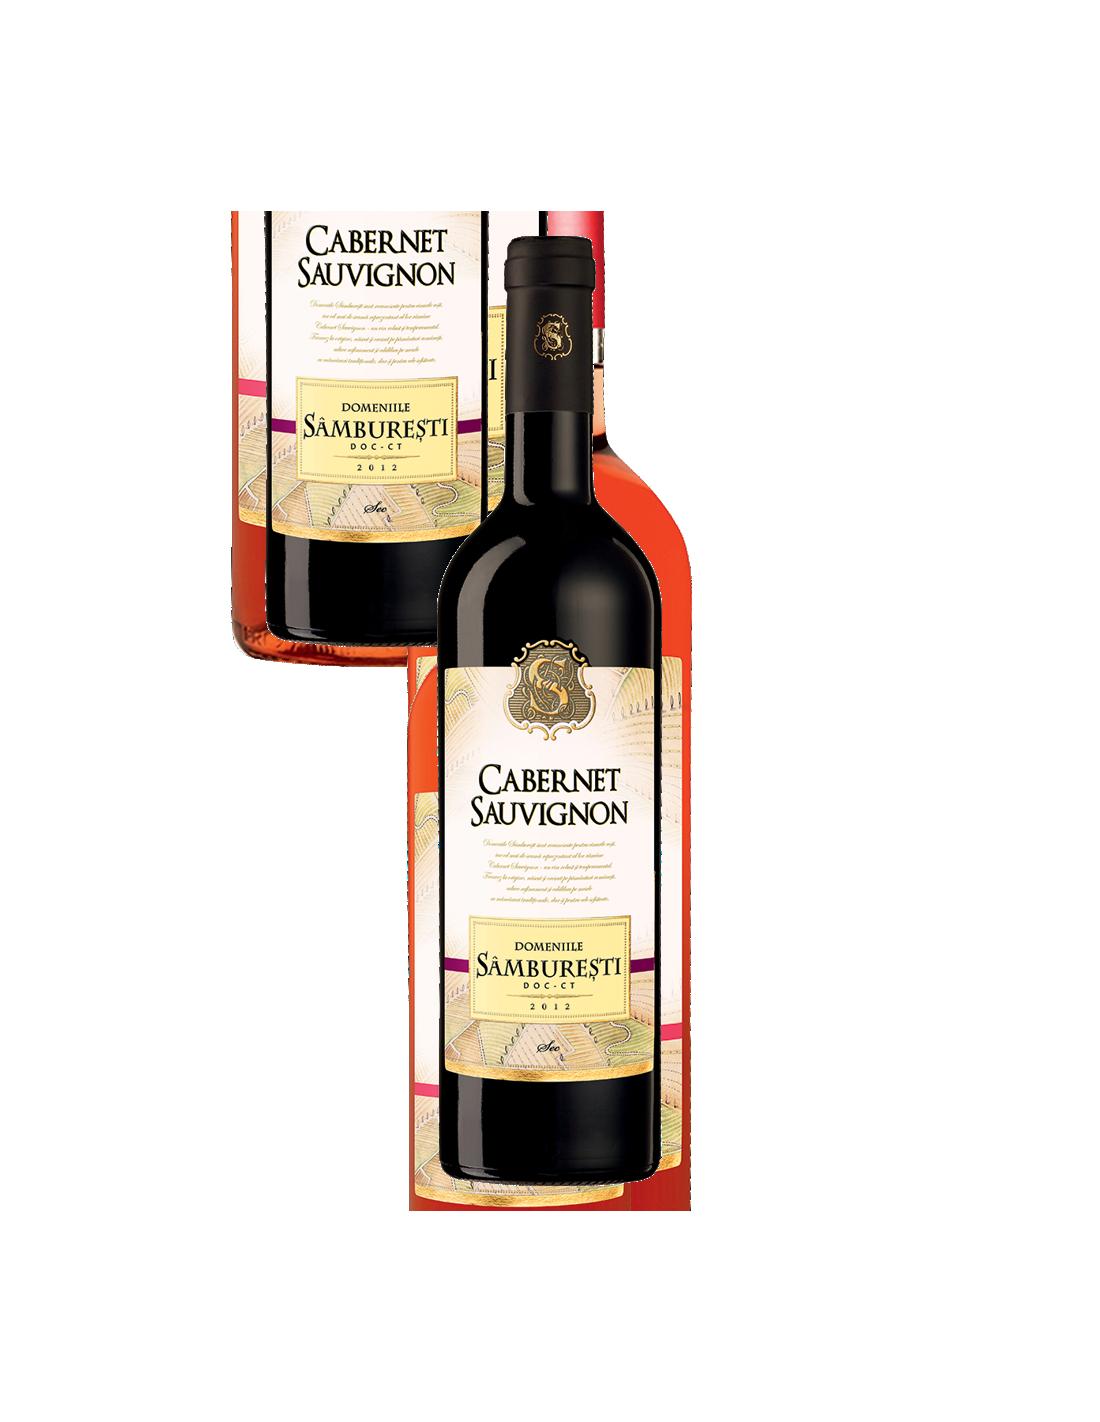 Vin rosu, Cabernet Sauvignon, Domeniile Samburesti, 14% alc., 0.75L, Romania